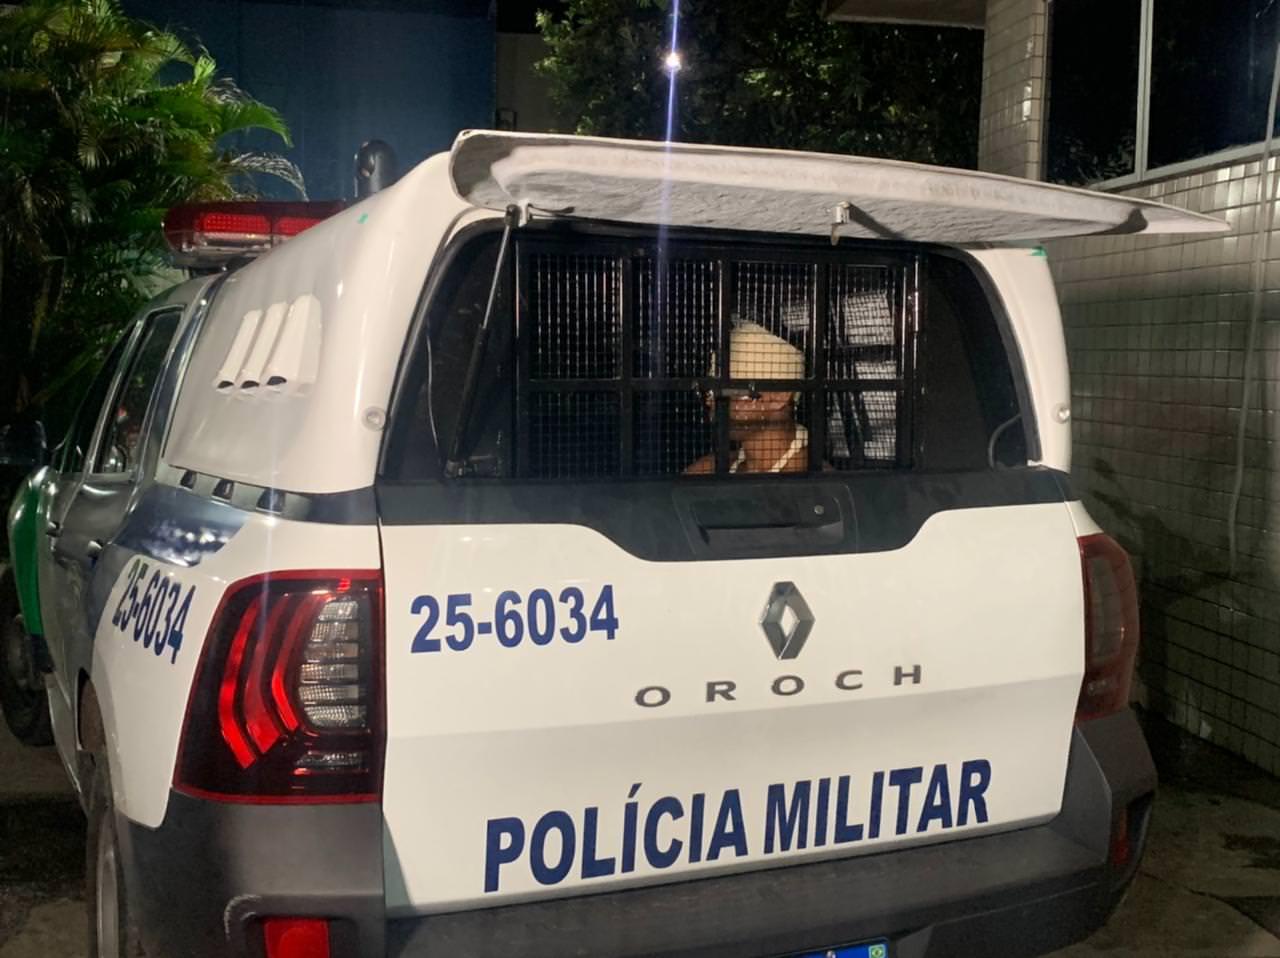 Ex-militar reage a assalto no Petrópolis, dá surra em bandidos e caso vai parar na delegacia